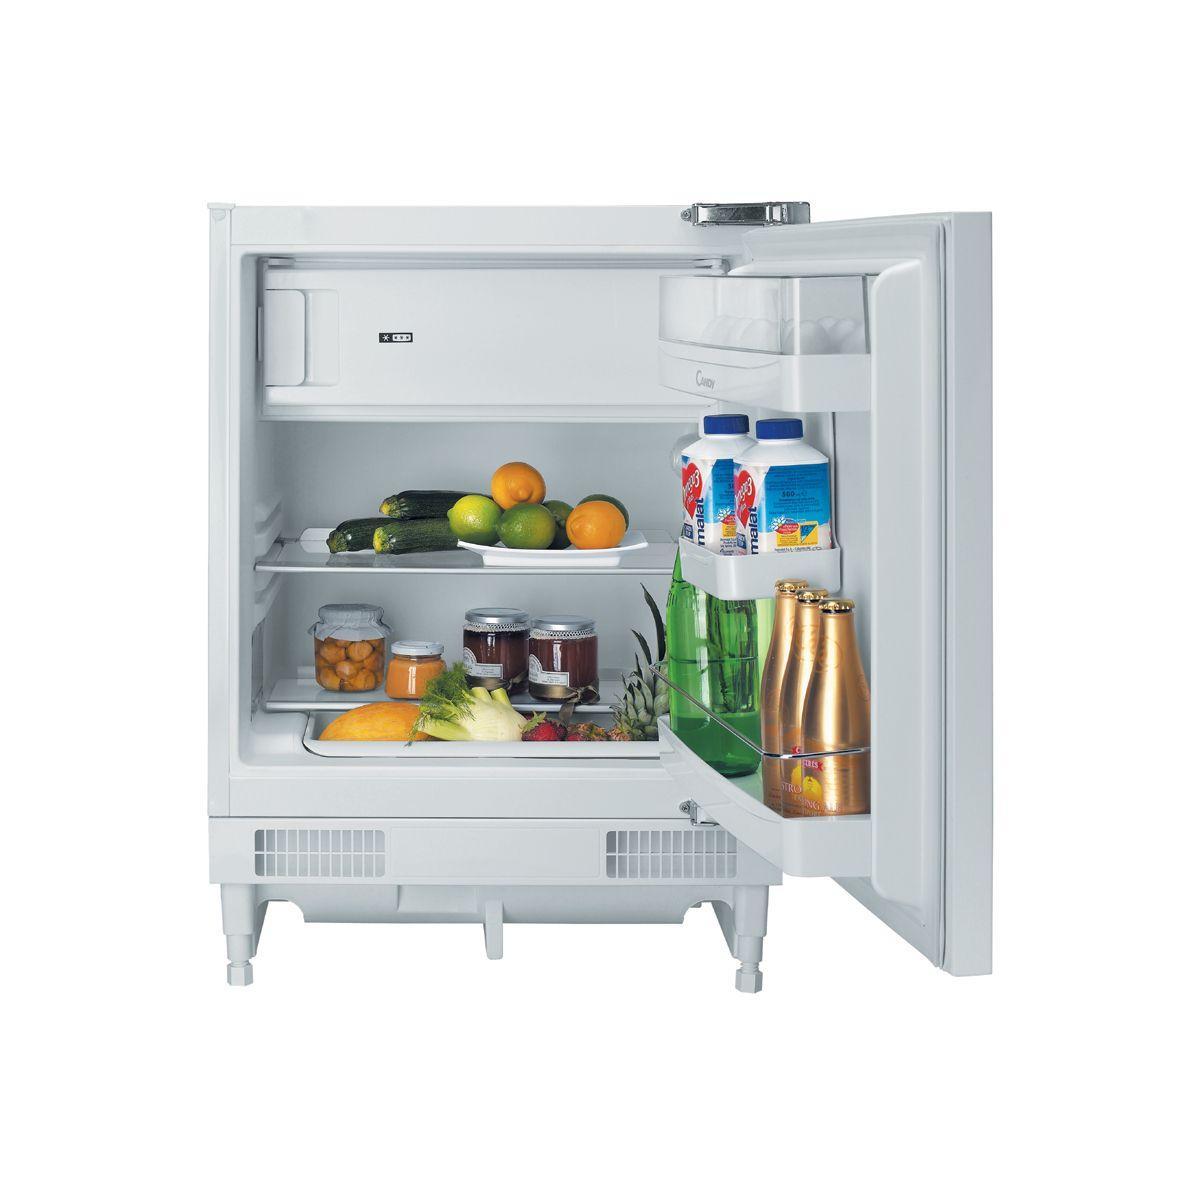 Réfrigérateur encastrable candy cru164e - 15% de remise immédiate avec le code : cool15 (photo)